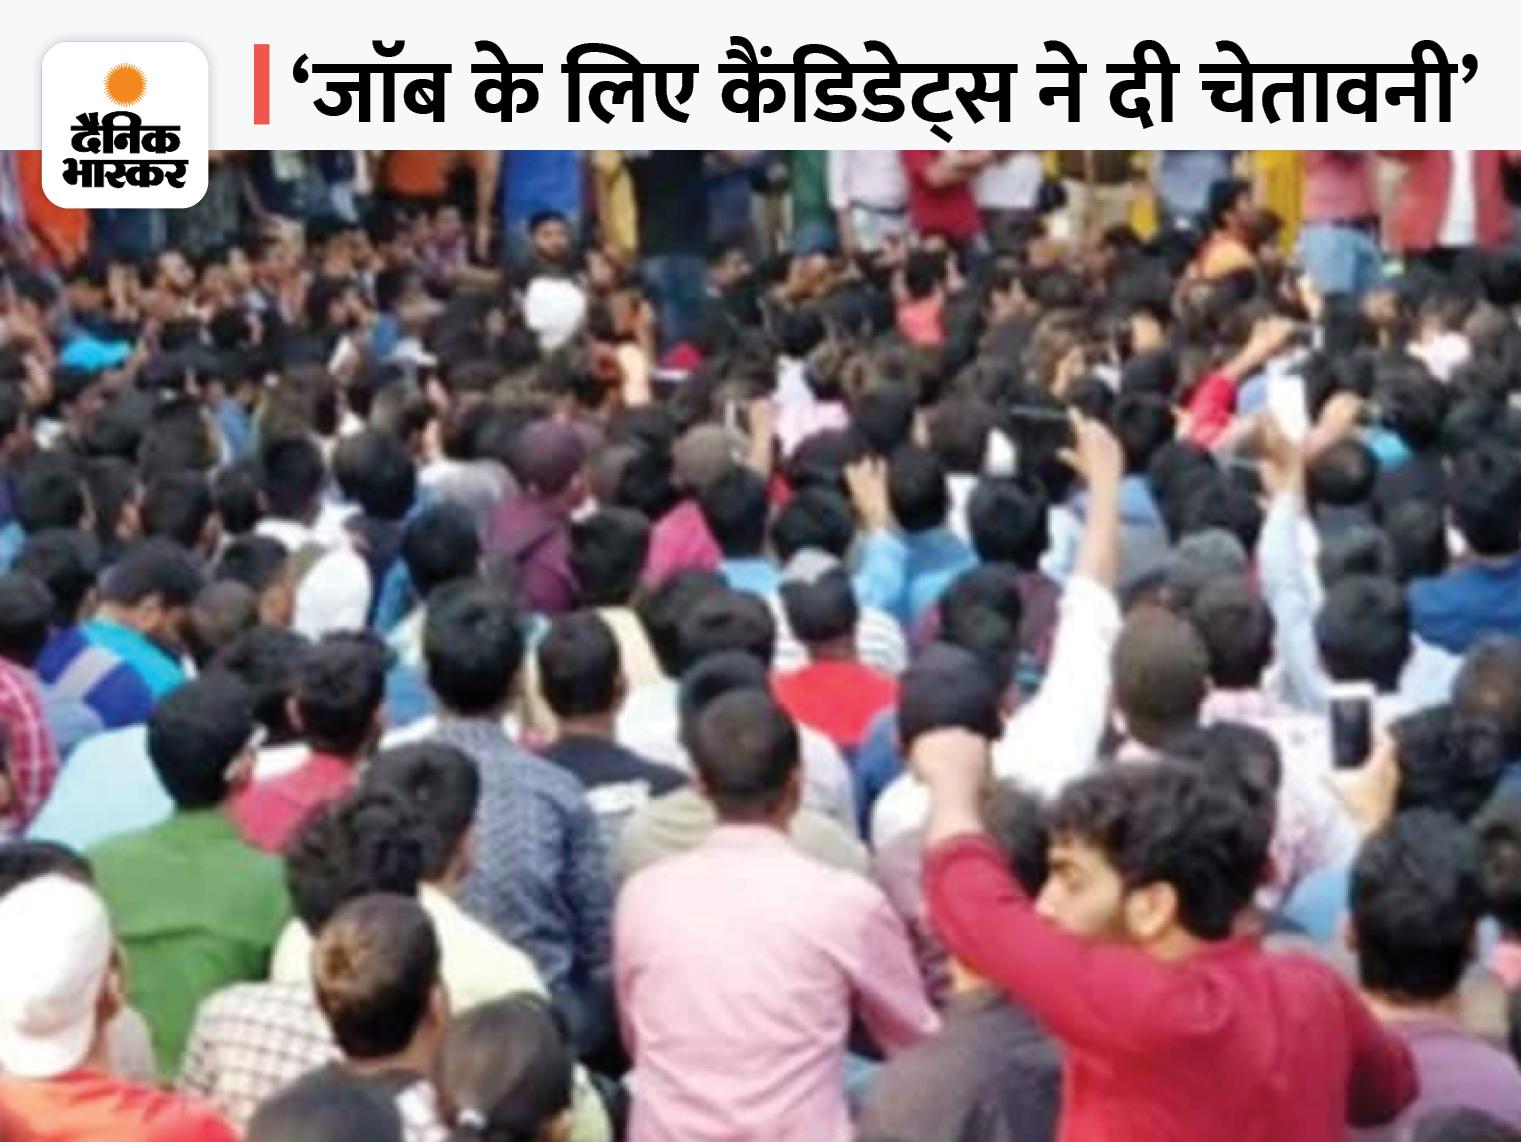 27 अक्टूबर को ट्विटर पर चलांगे 'BSSC वादा पूरा करो' हैशटैग, 1 से 3 नवंबर तक अनशन|पटना,Patna - Dainik Bhaskar